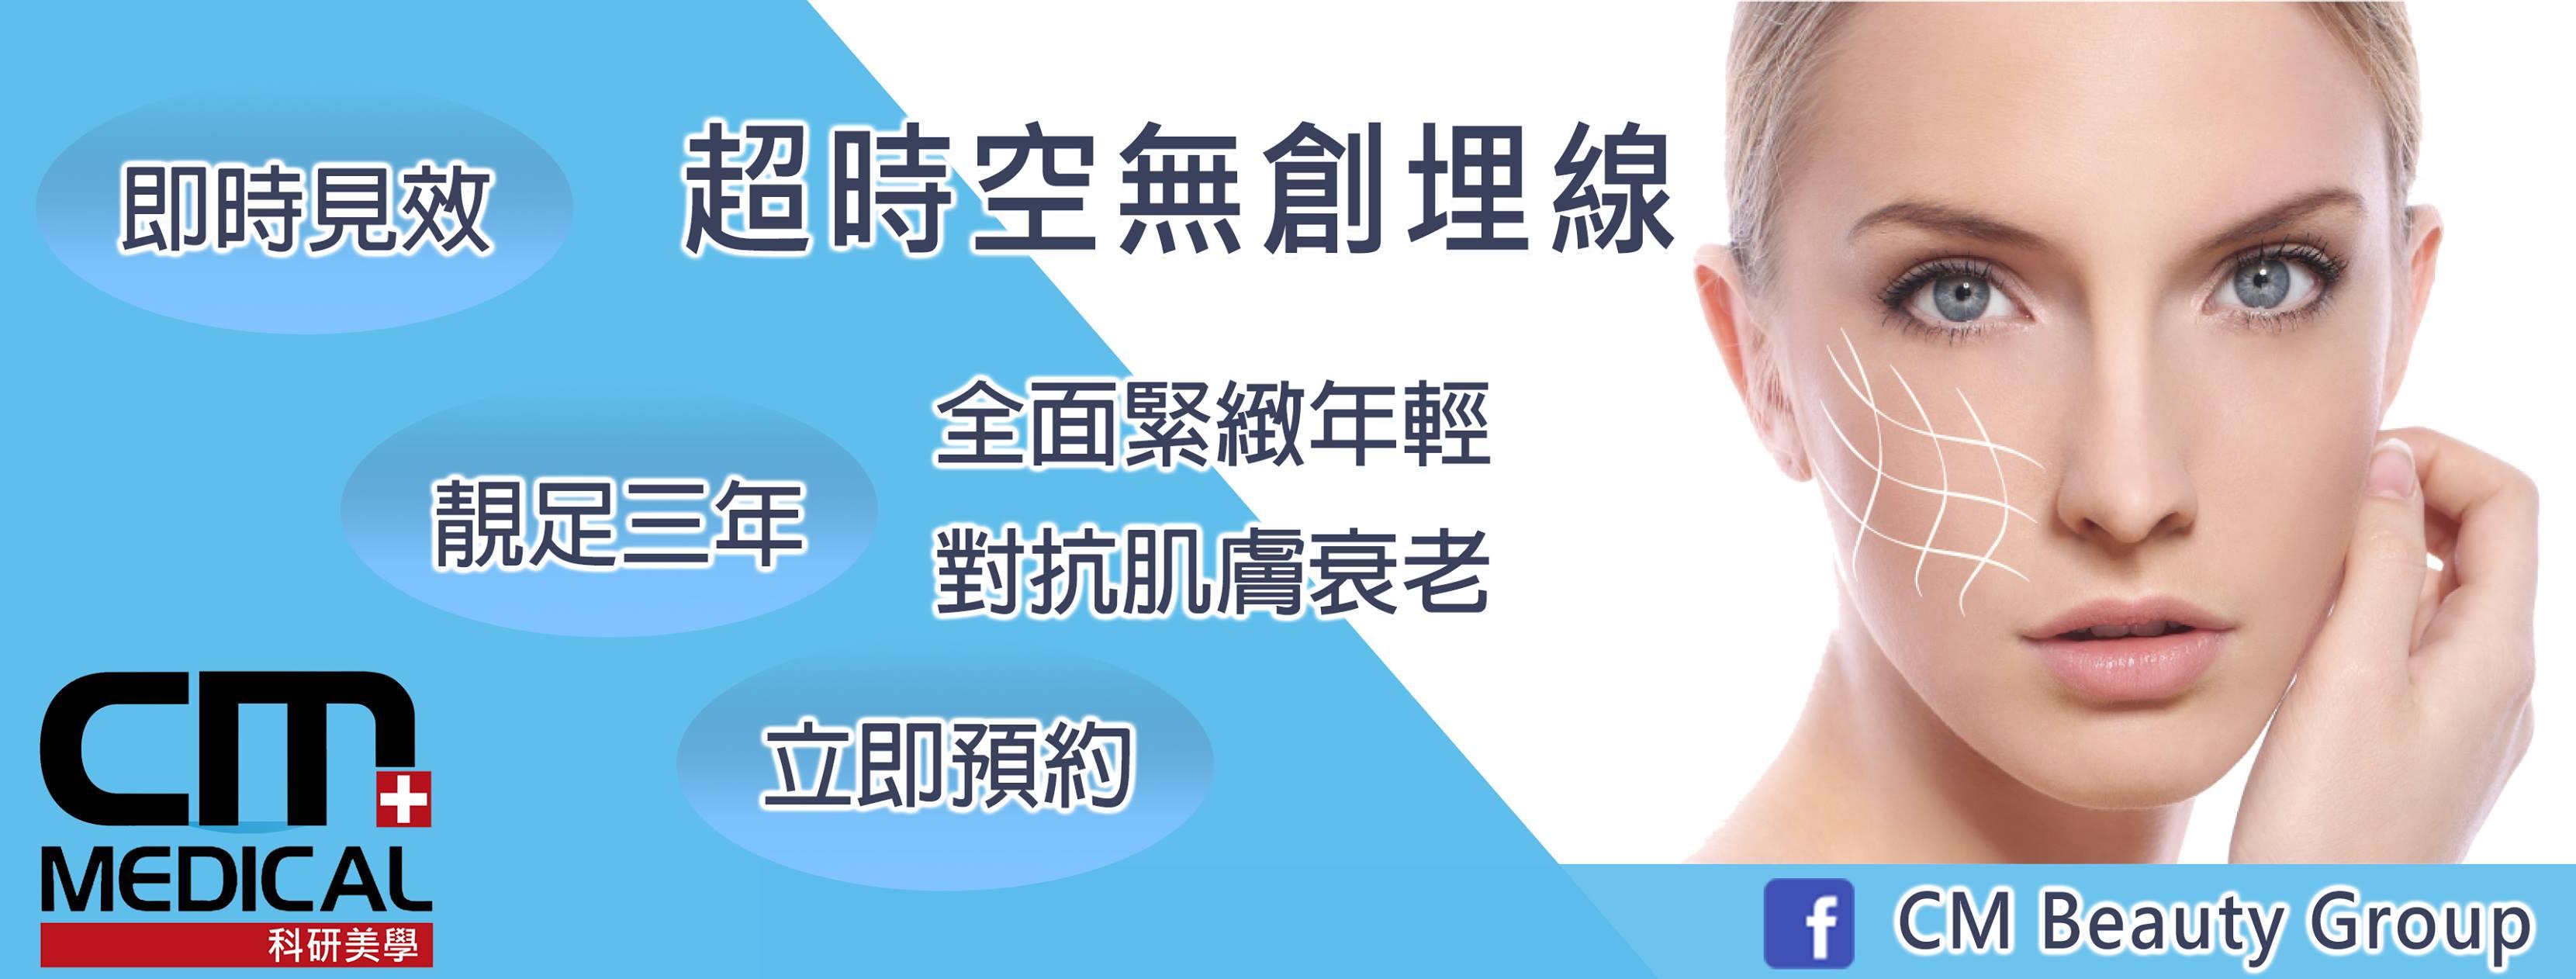 香港美容院 美容師 : Cm beauty group @青年創業軍